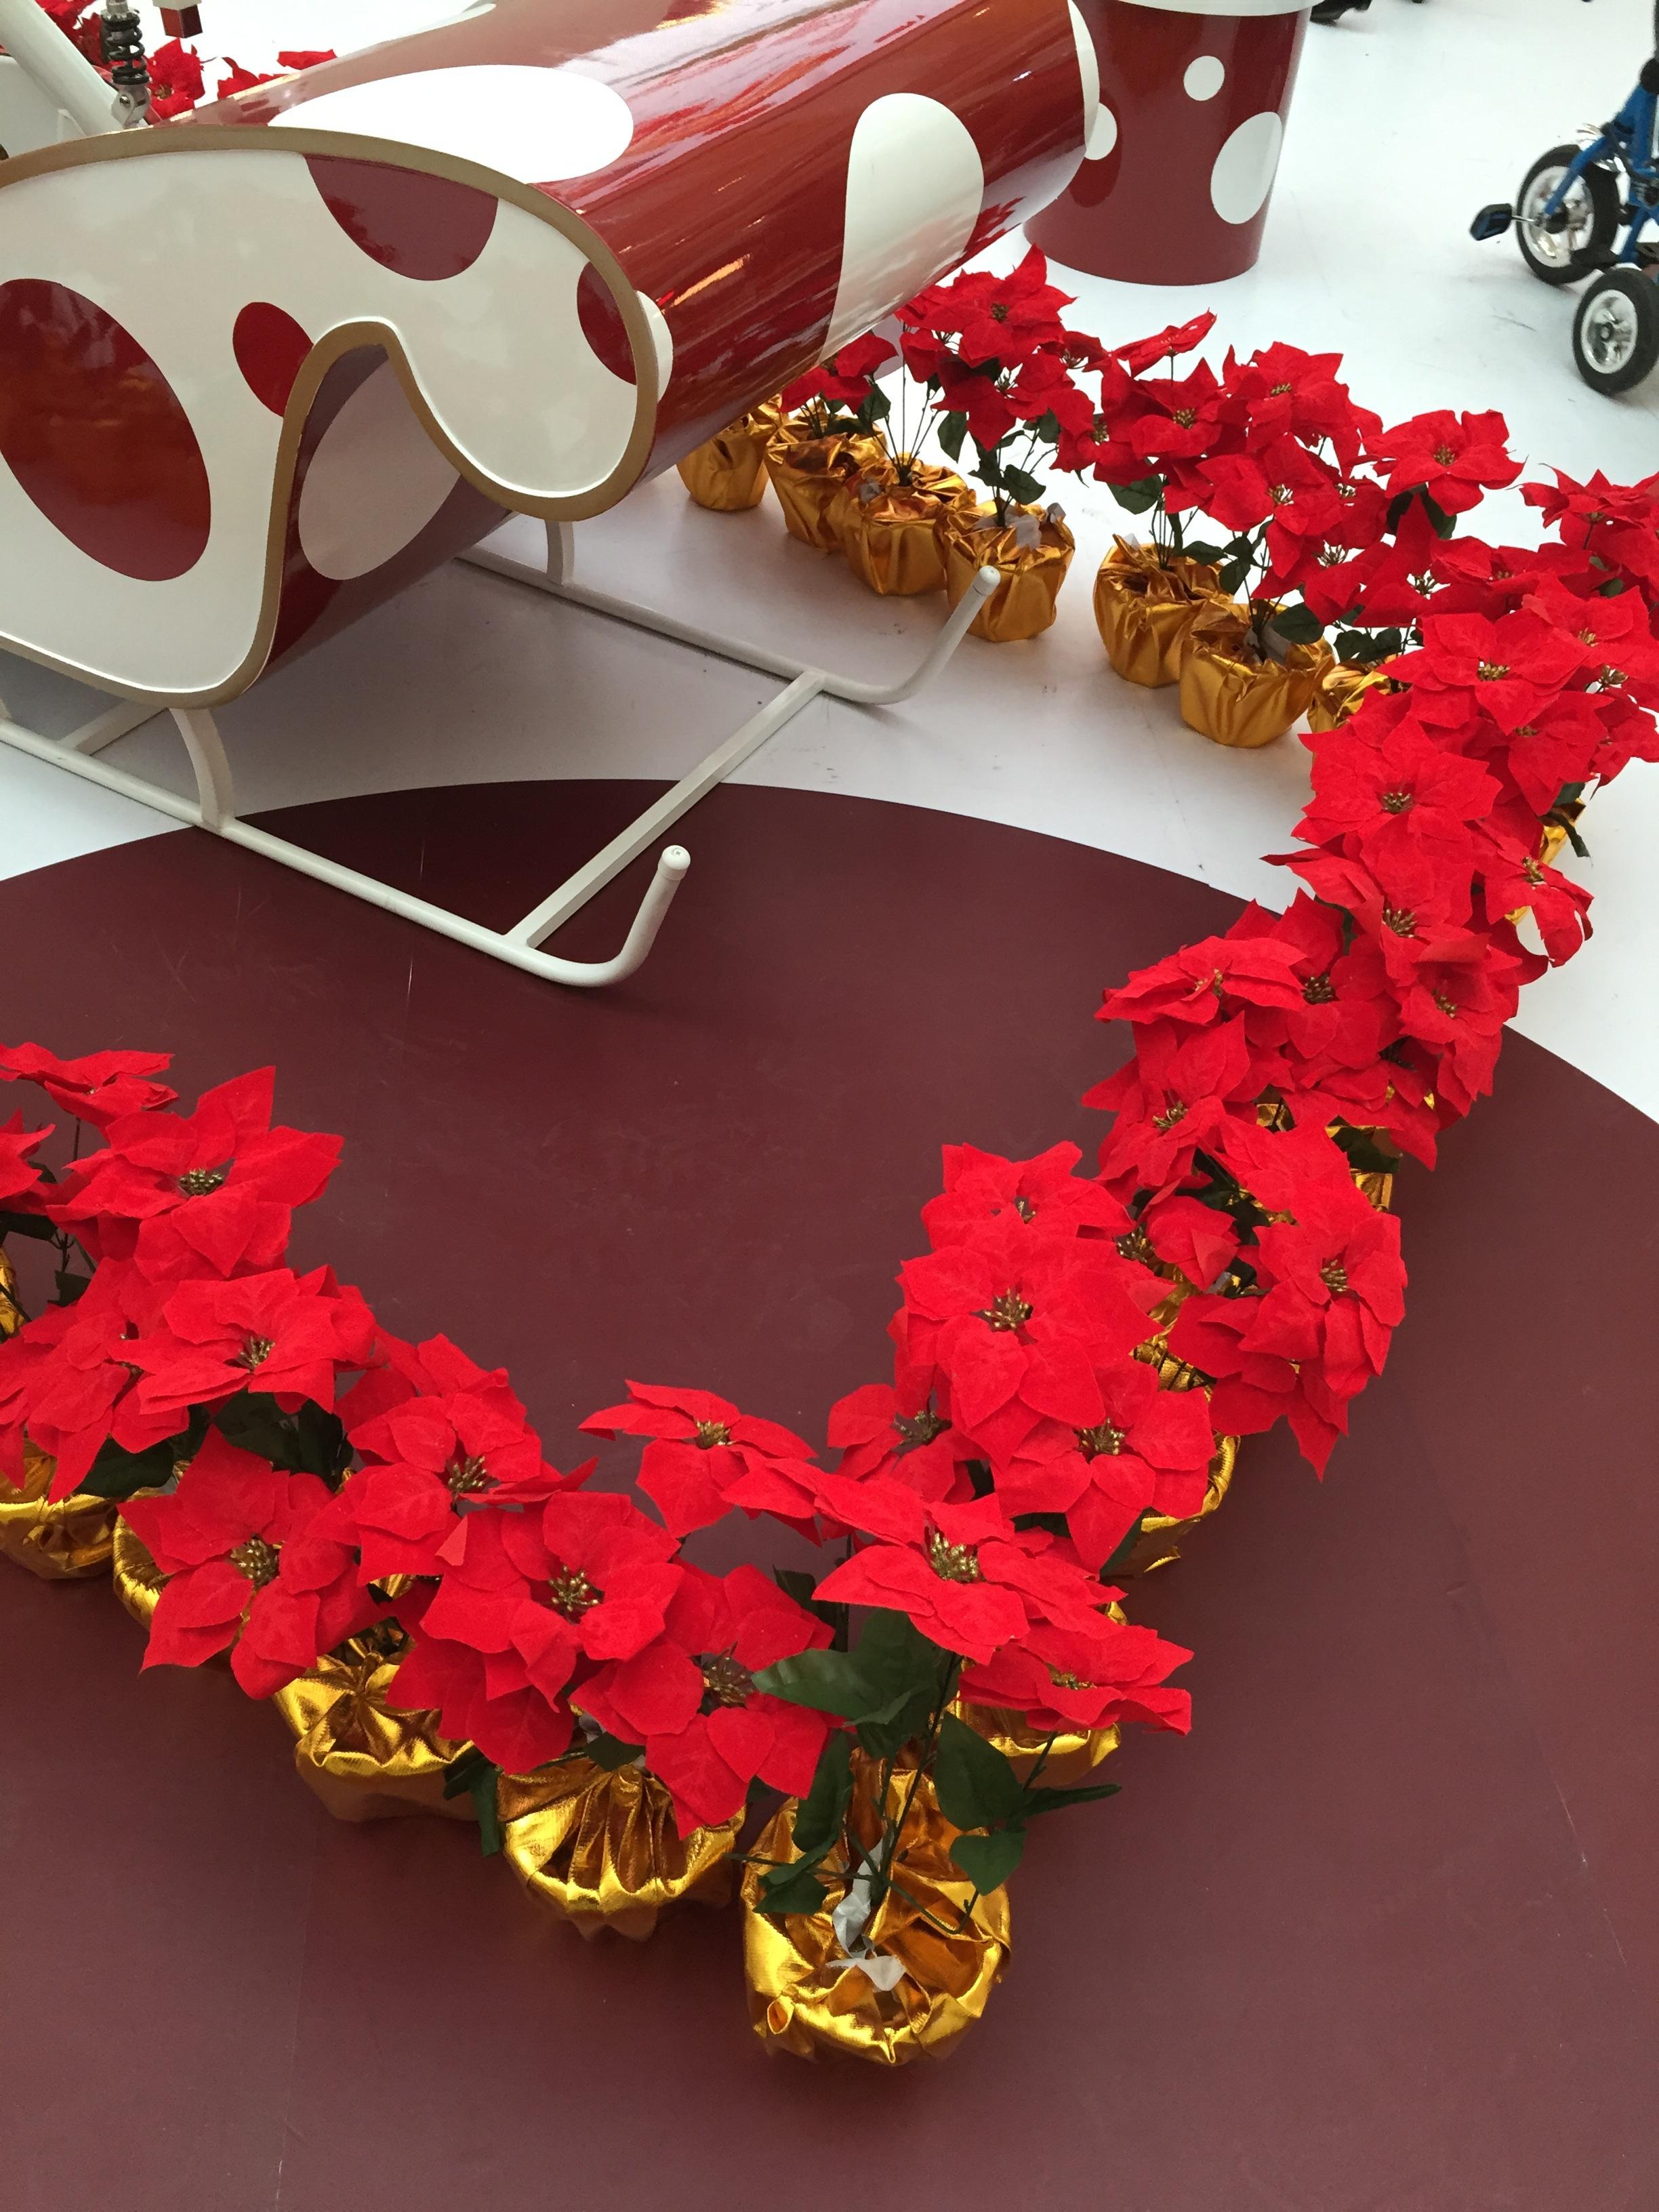 무료 이미지 : 꽃잎, 빨간, 큰 광장, 담홍색, 화환, 목걸이 ...